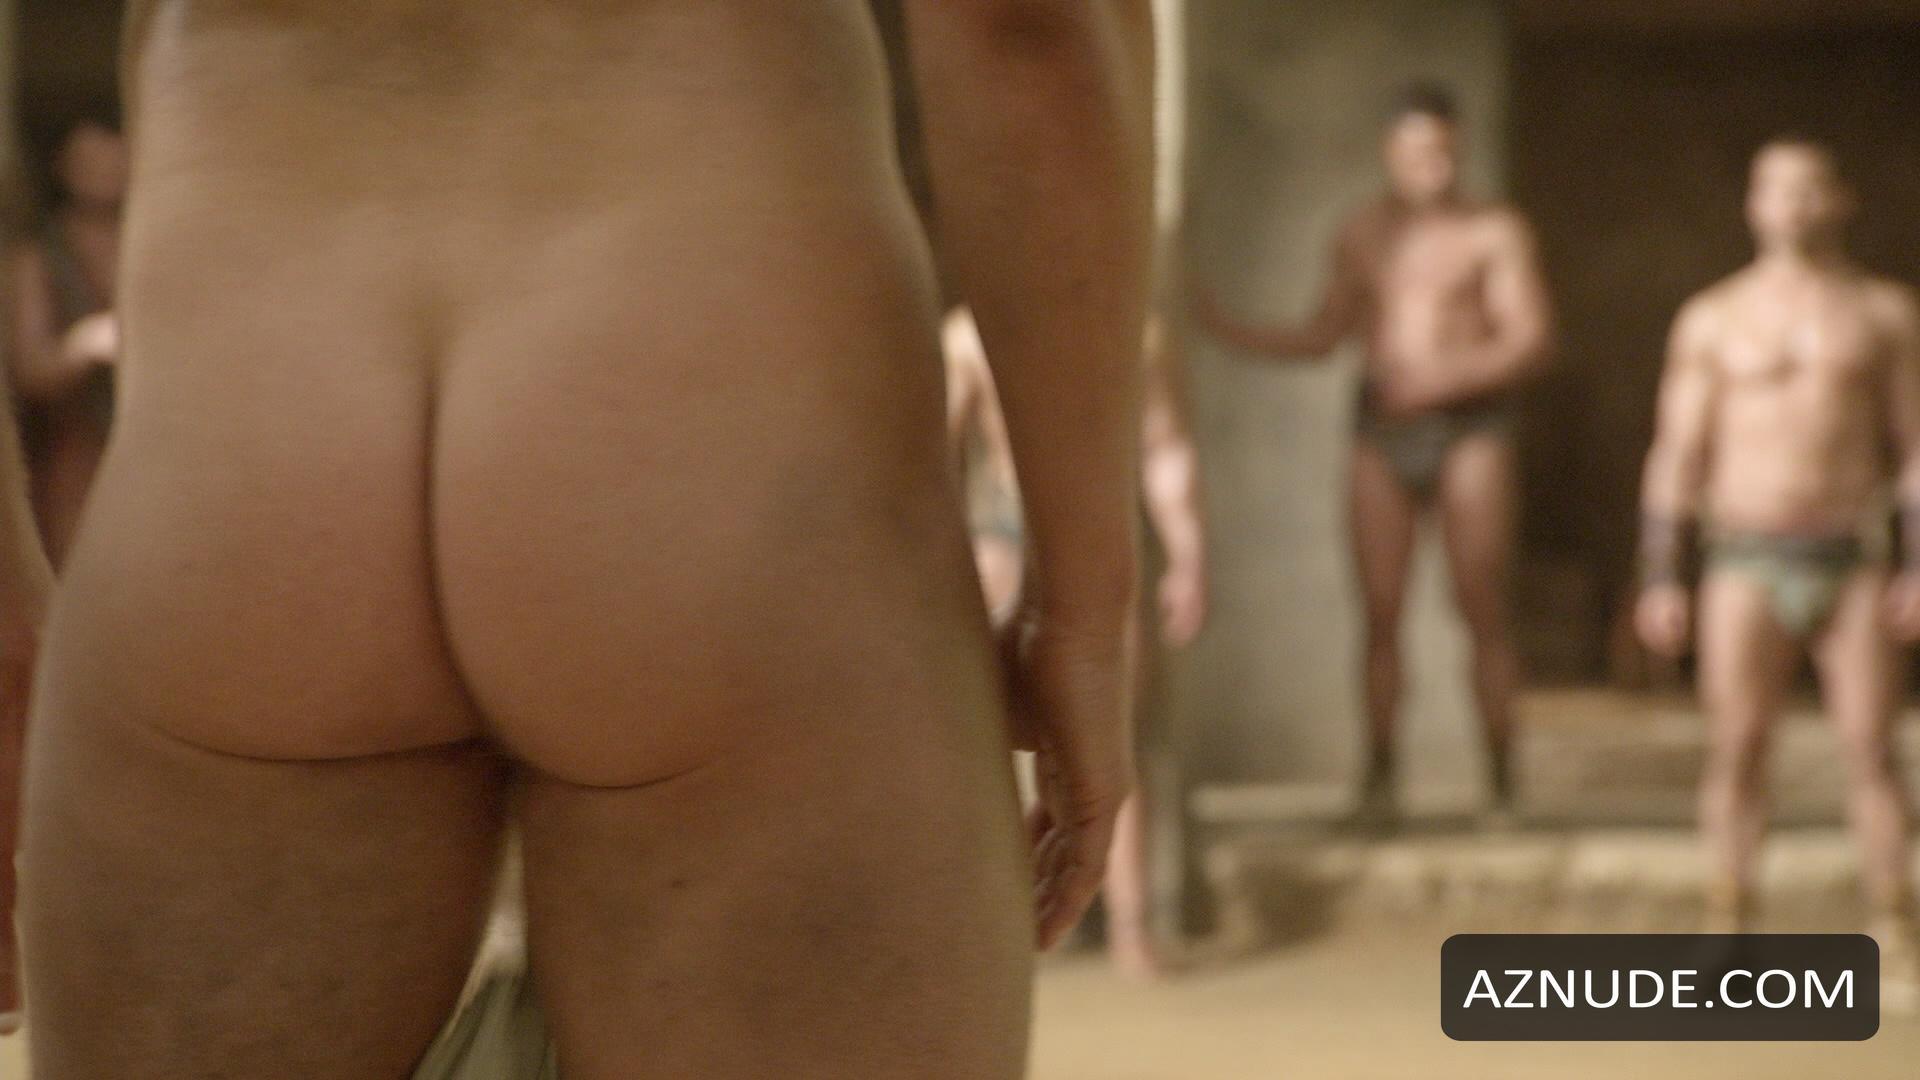 Tits Nude Men Of Spartacus Pics